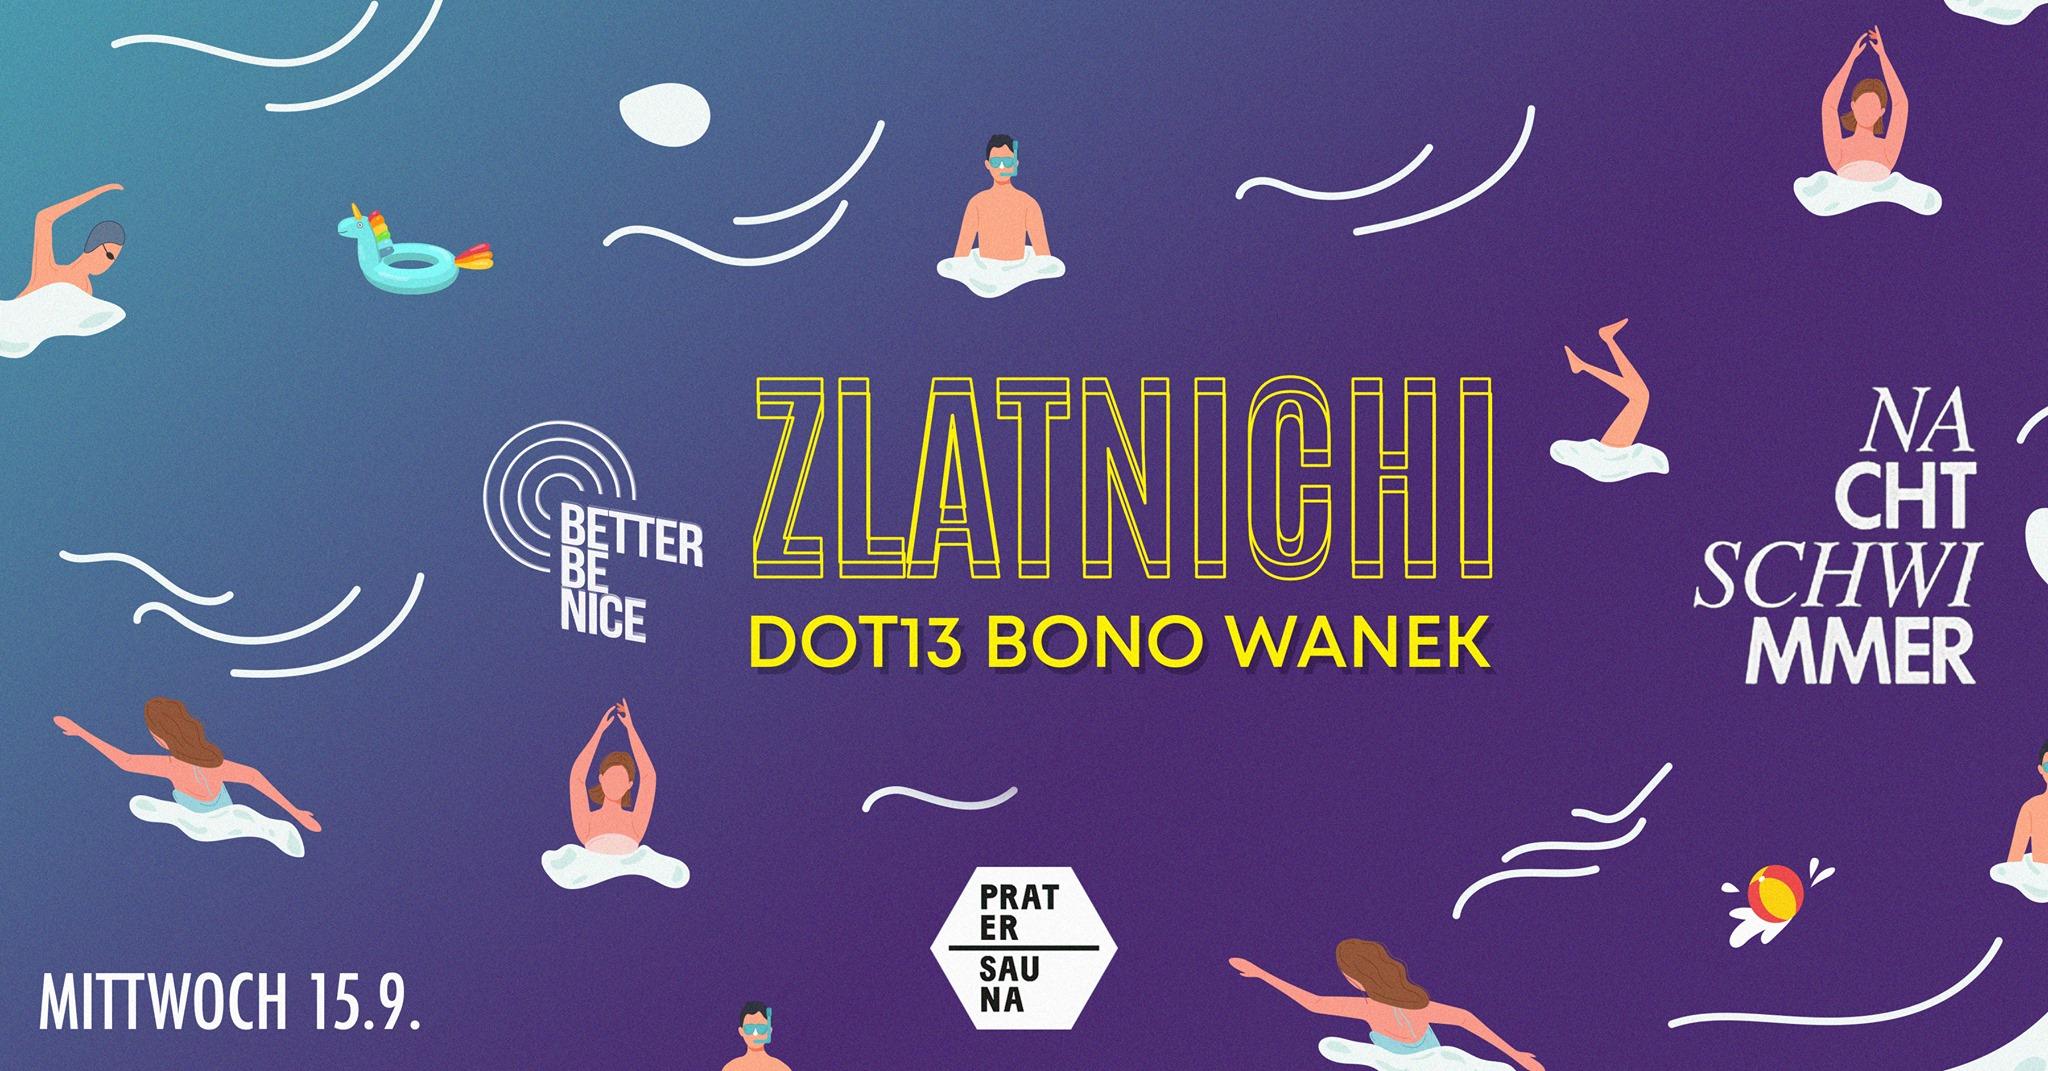 Events Wien: NACHTSCHWIMMER mit BETTER BE NICE, ZLATNICHI